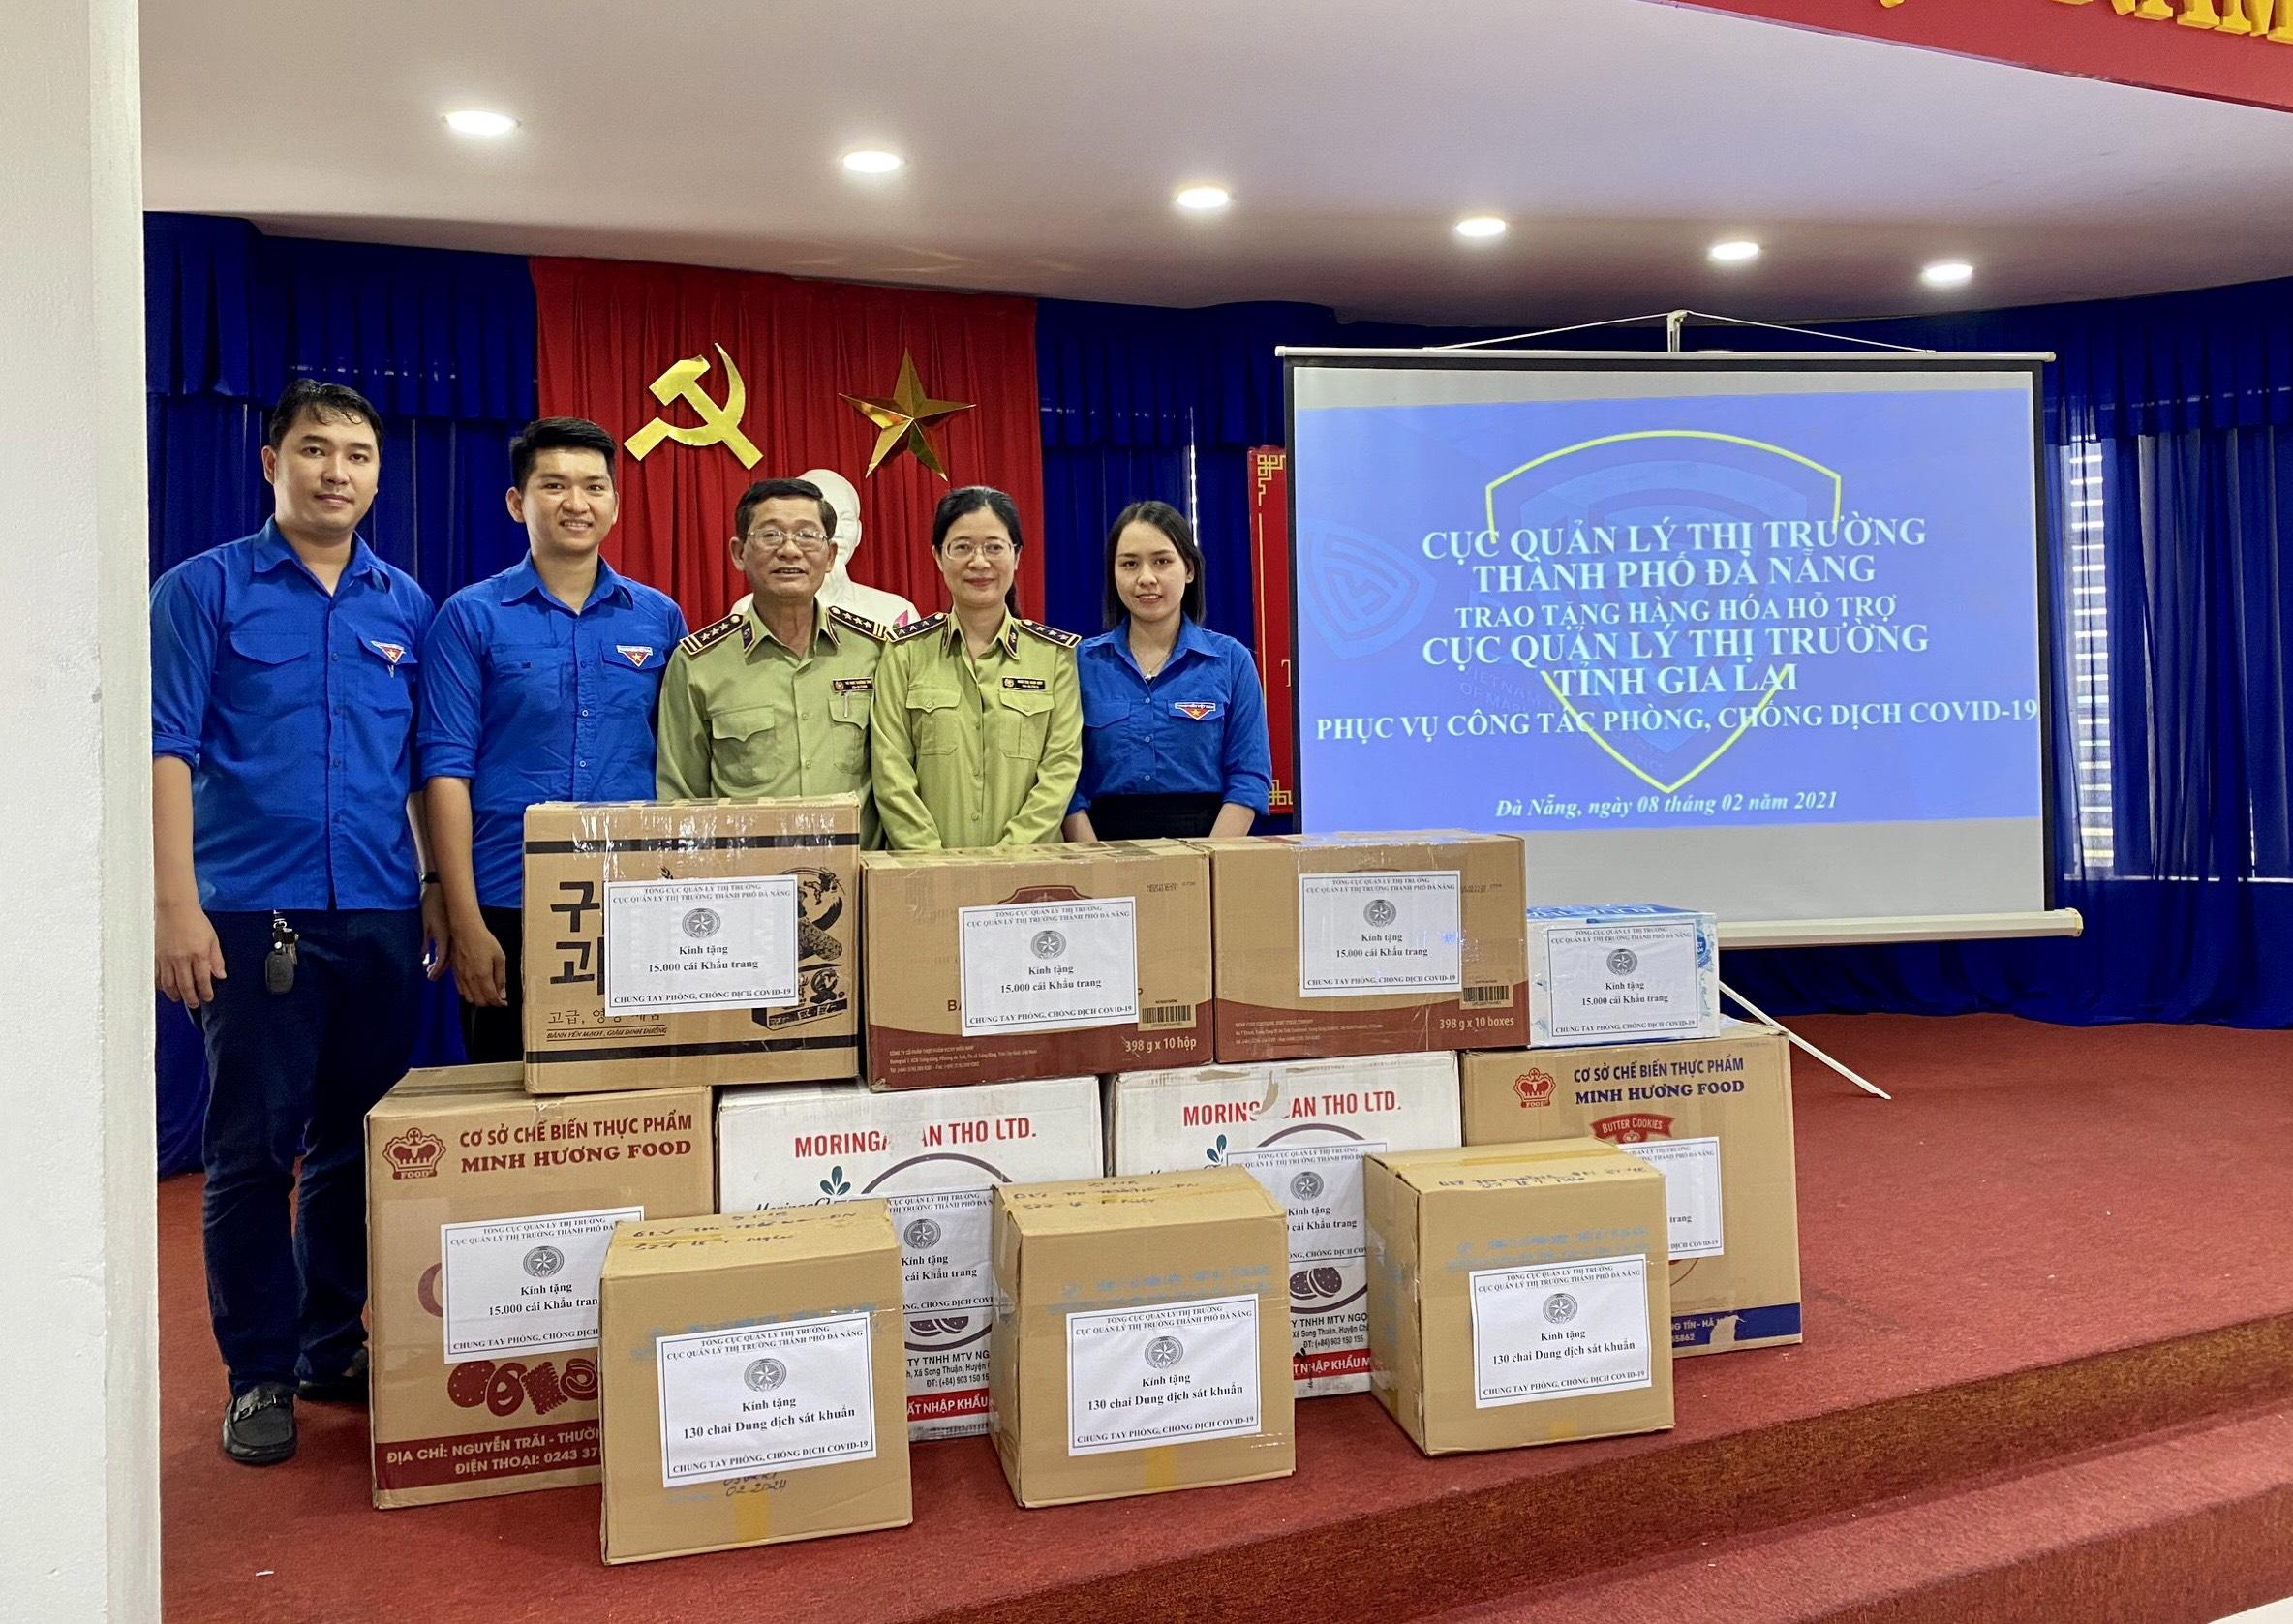 Cục Quản lý thị trường thành phố Đà Nẵng trao tặng Cục Quản lý thị trường tỉnh Gia Lai hàng hóa hỗ trợ công tác phòng, chống dịch Covid-19